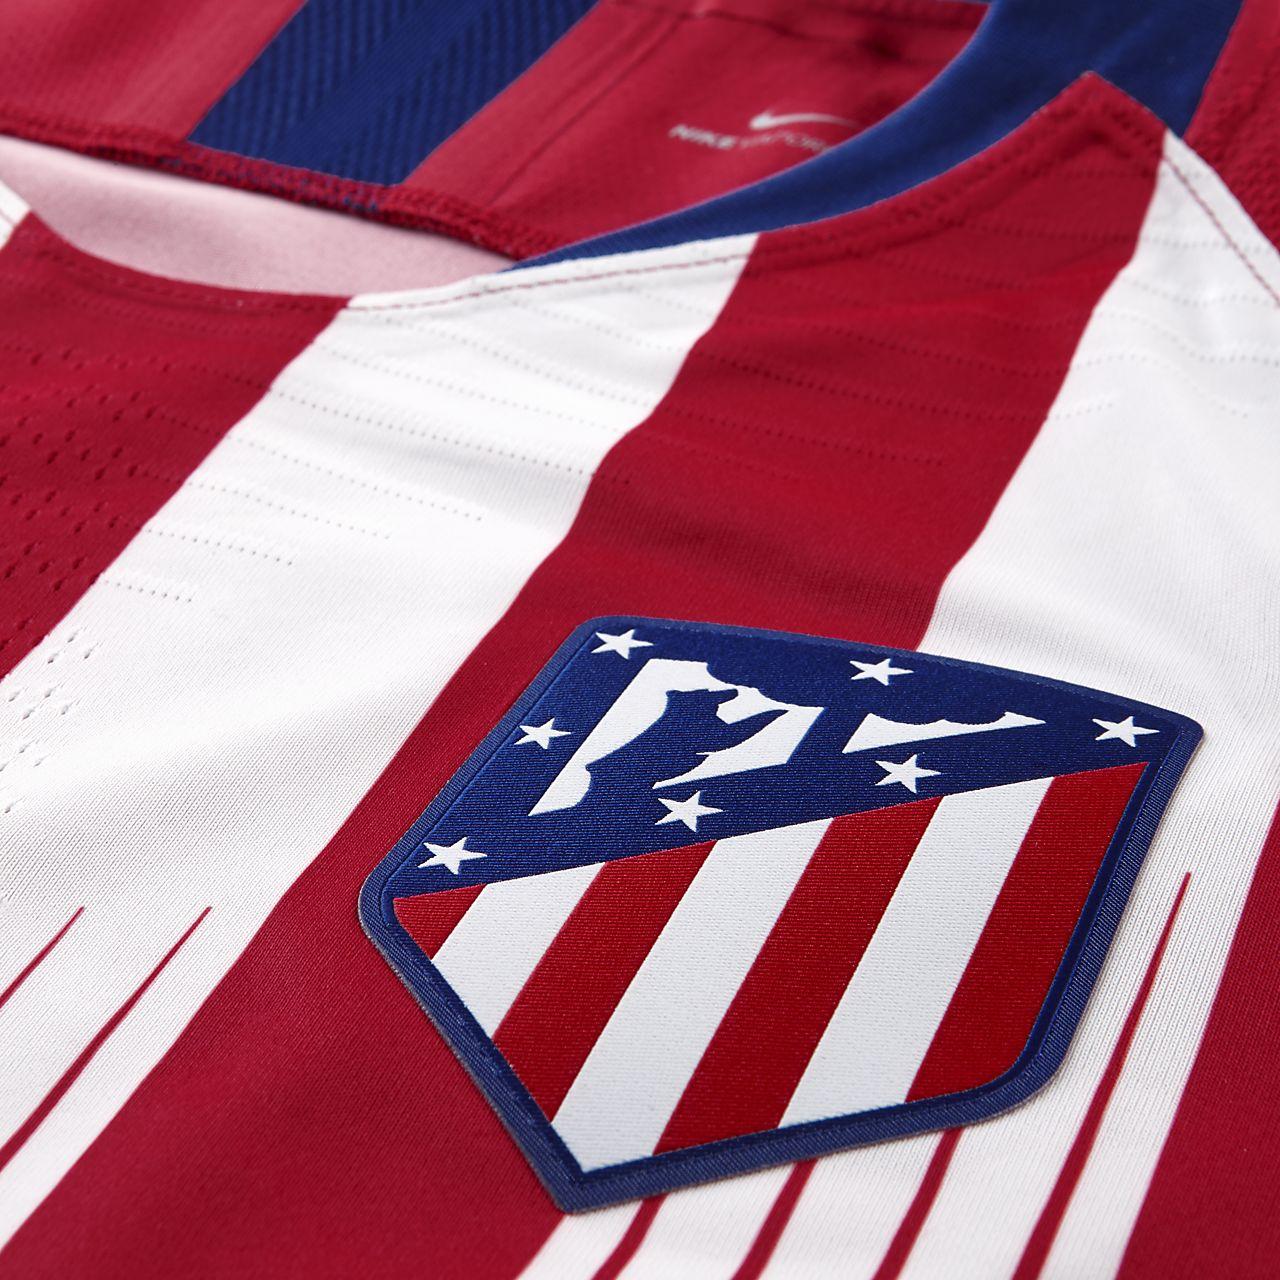 7127c30efe848 ... Camiseta de fútbol para hombre de local Vapor Match del Atlético de Madrid  2018 19